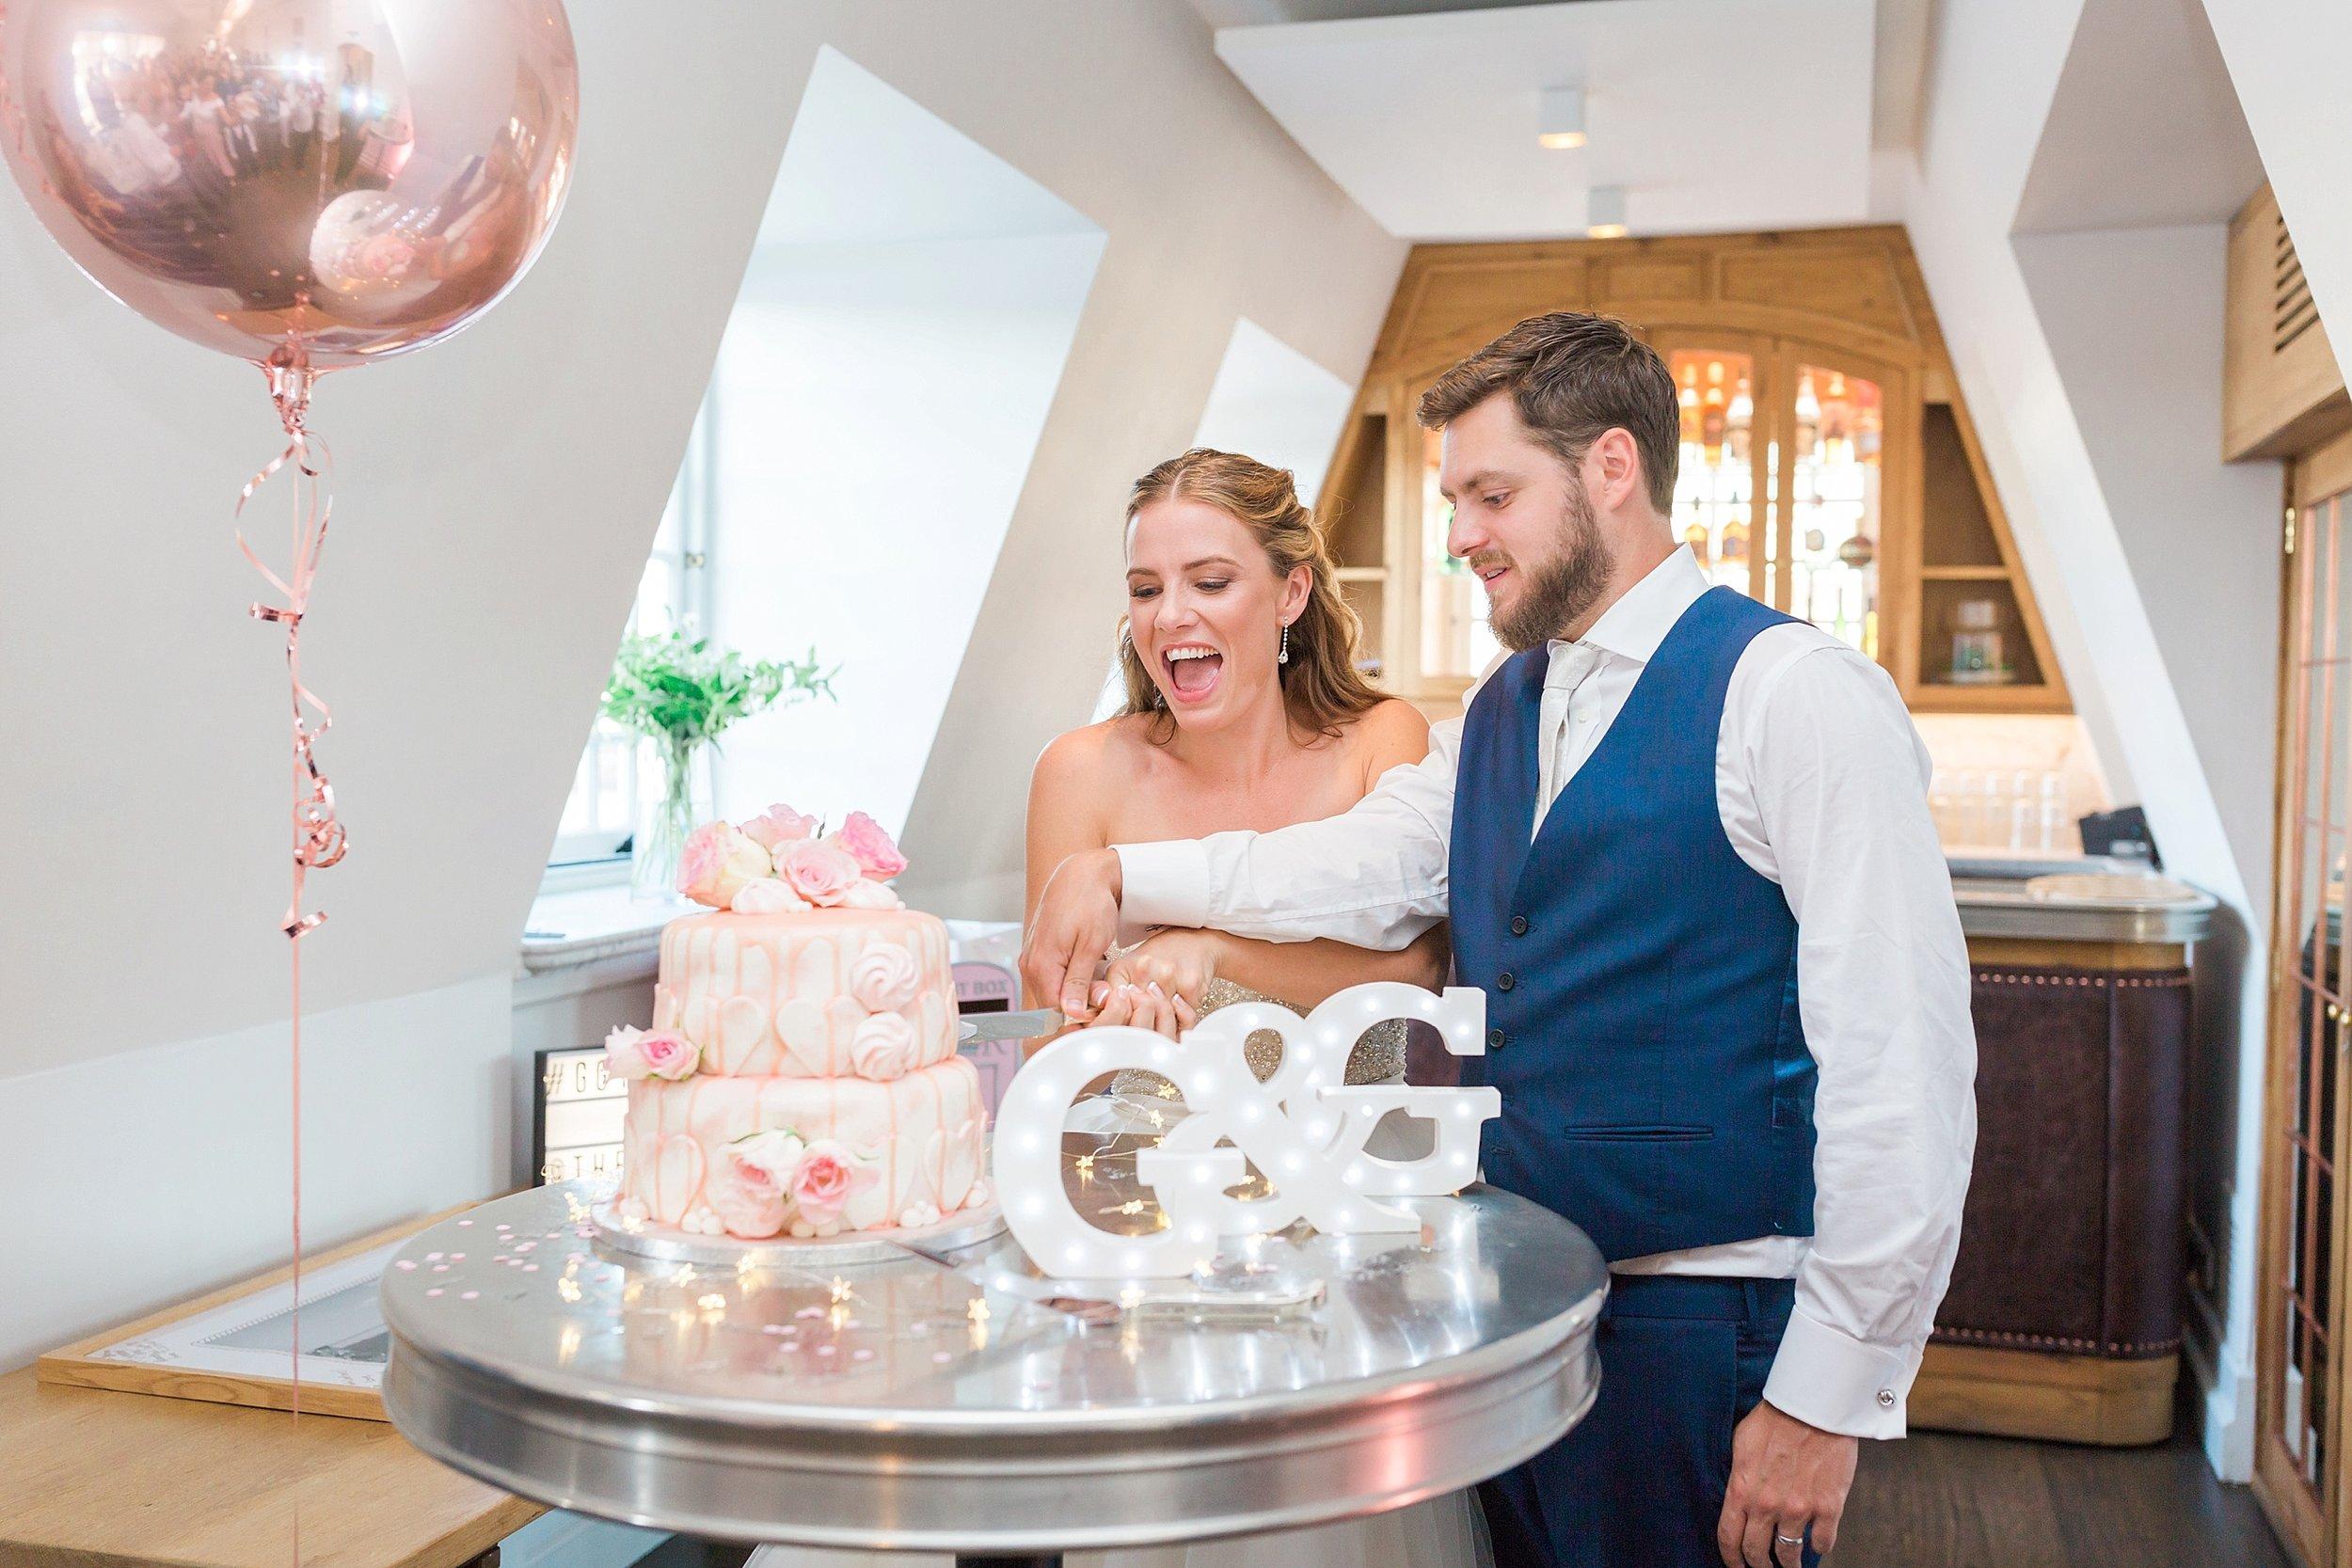 wedding-cake-somerset.jpg